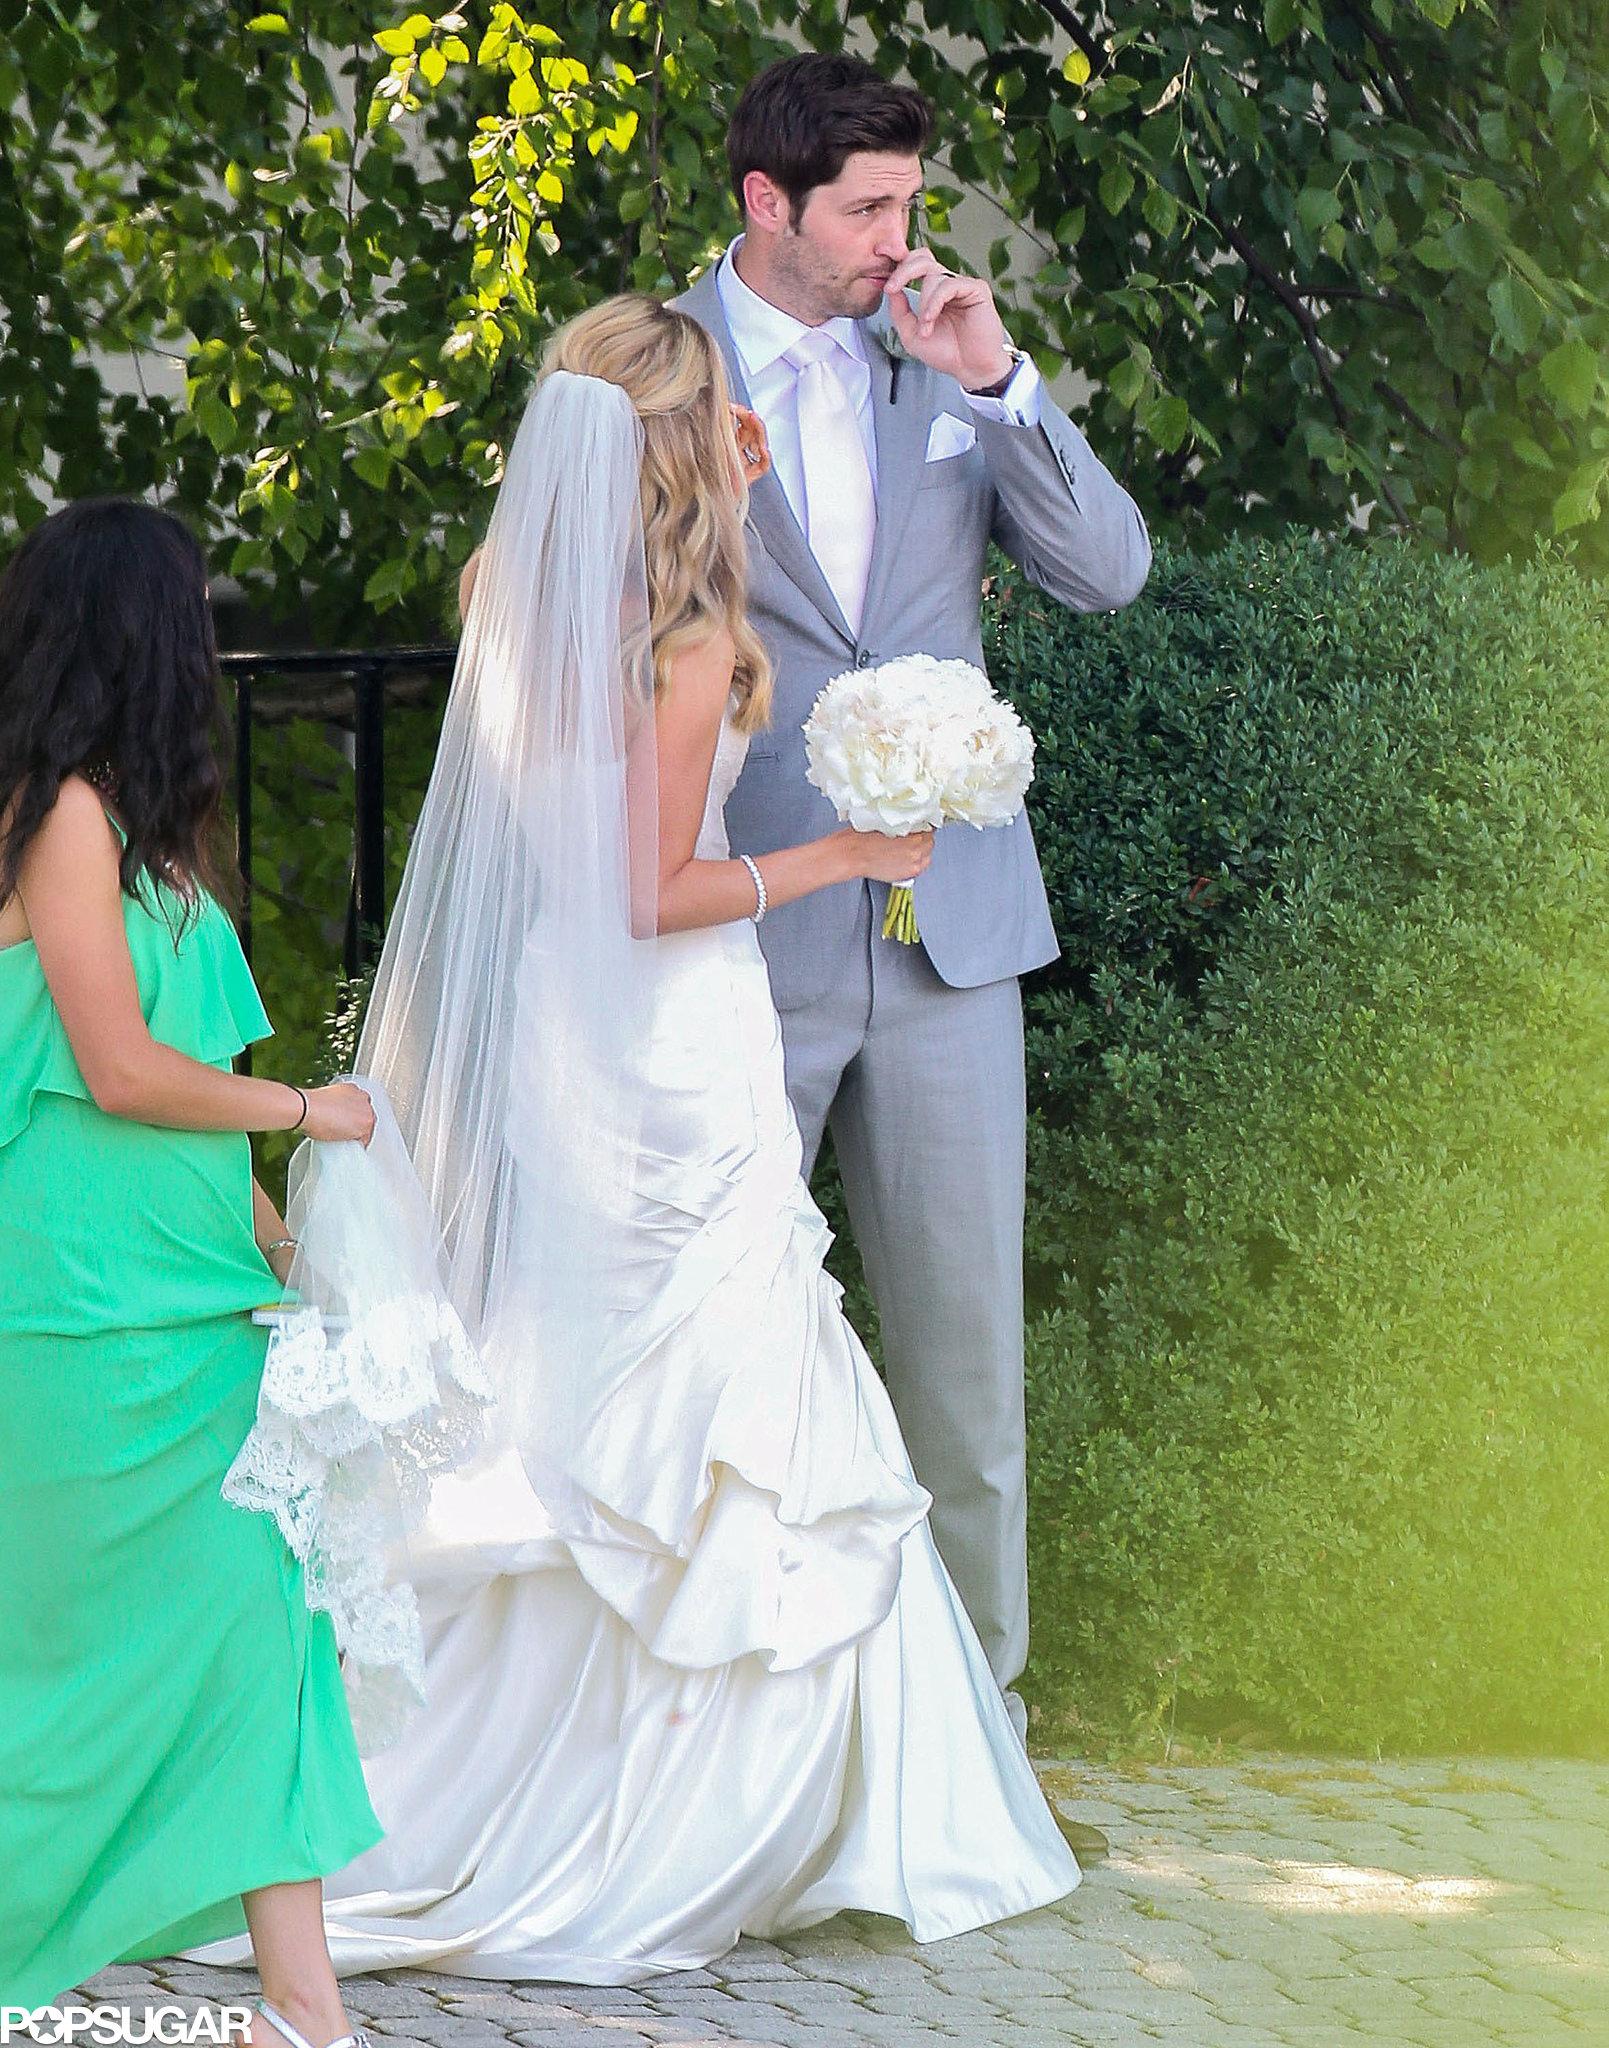 Kristin Cavallari and Jay Cutler made for an adorable wedding couple.